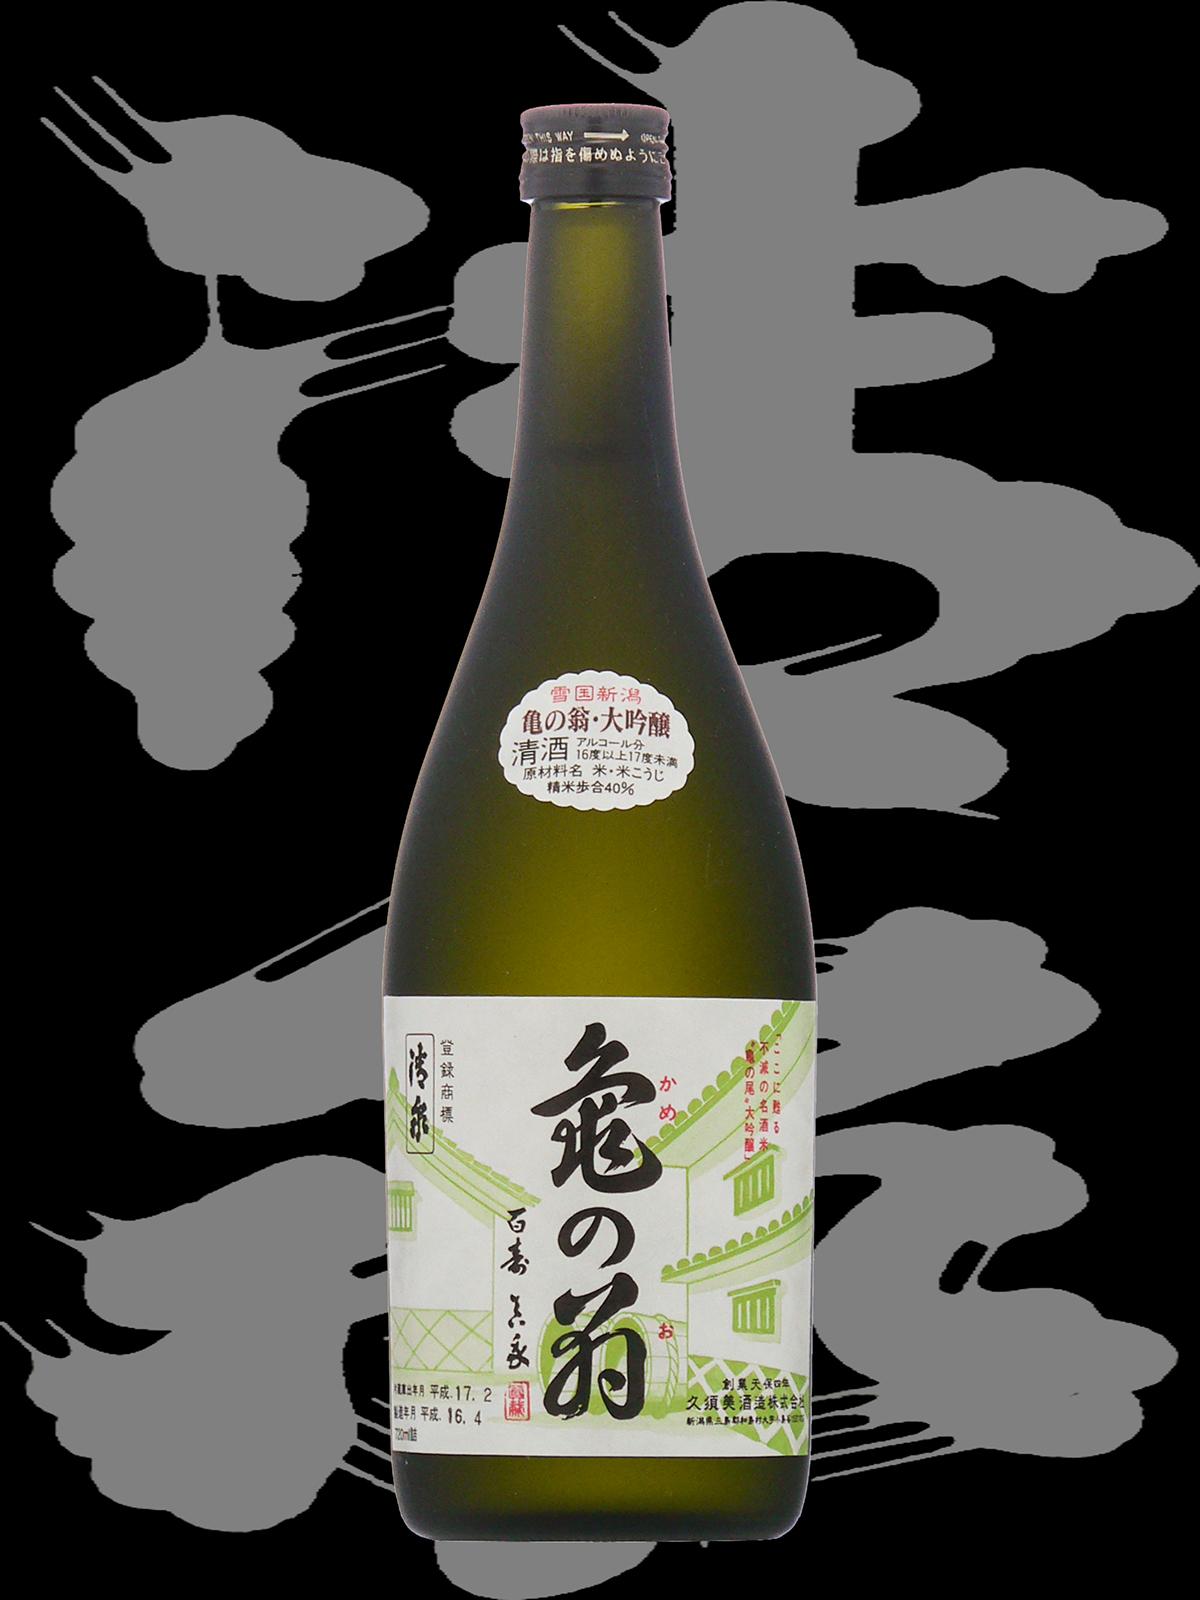 亀の翁(かめのお)「純米大吟醸」